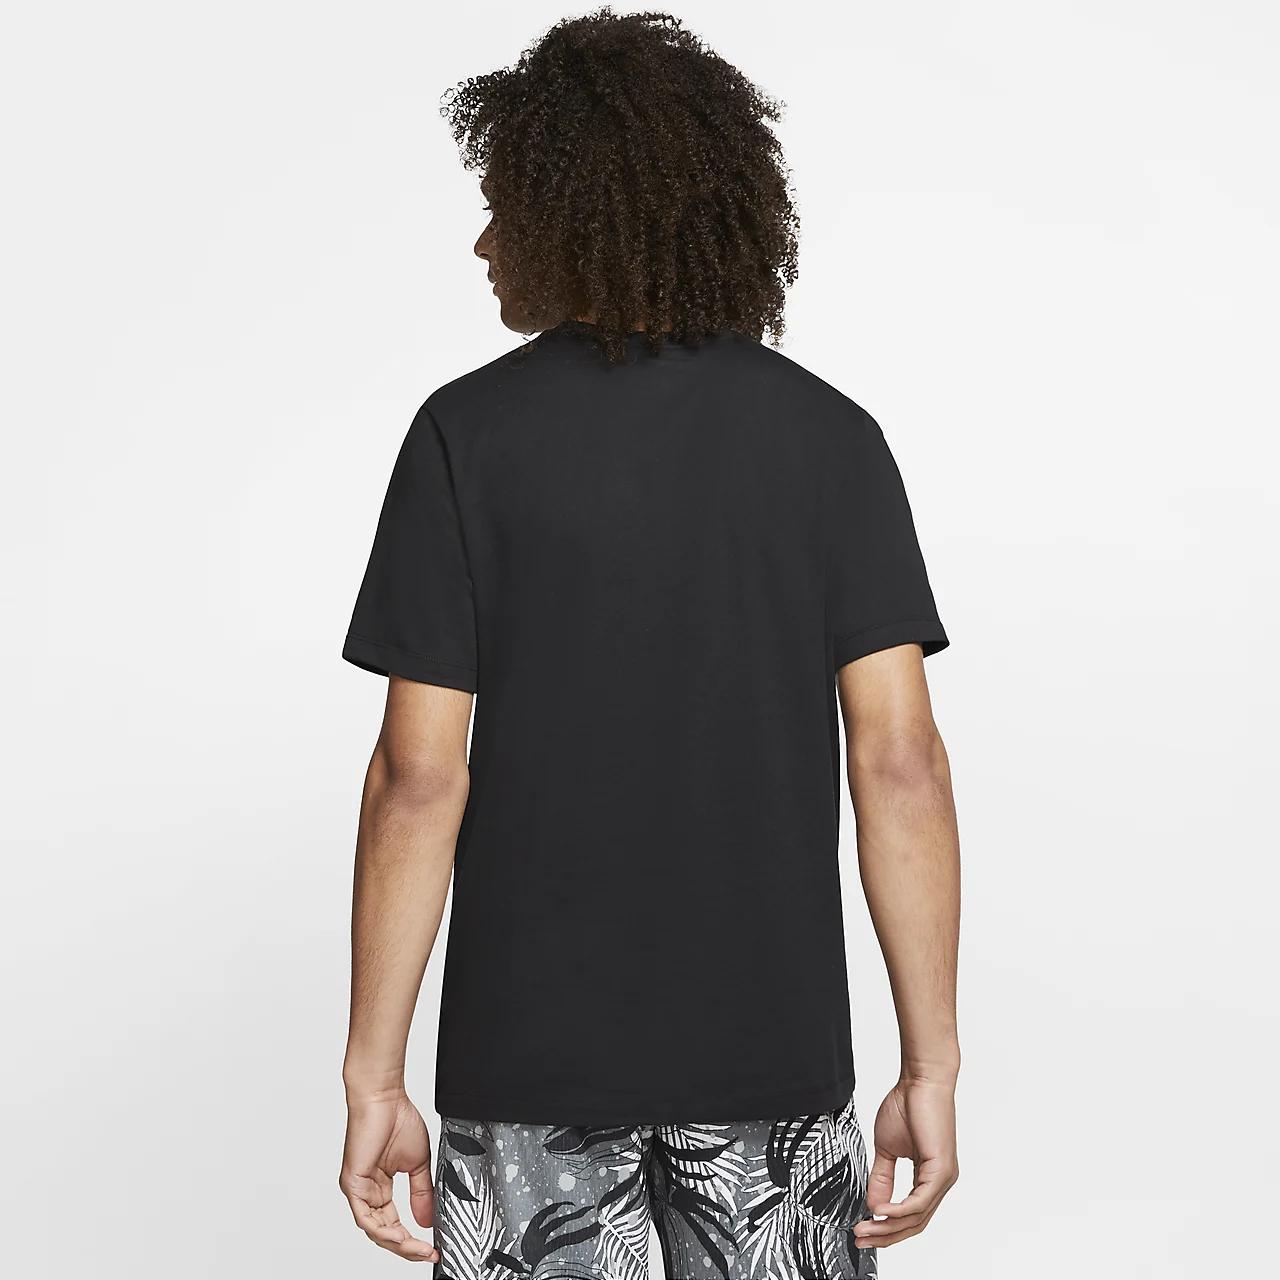 조던 풀사이드 플로럴 티셔츠 CQ2060-010